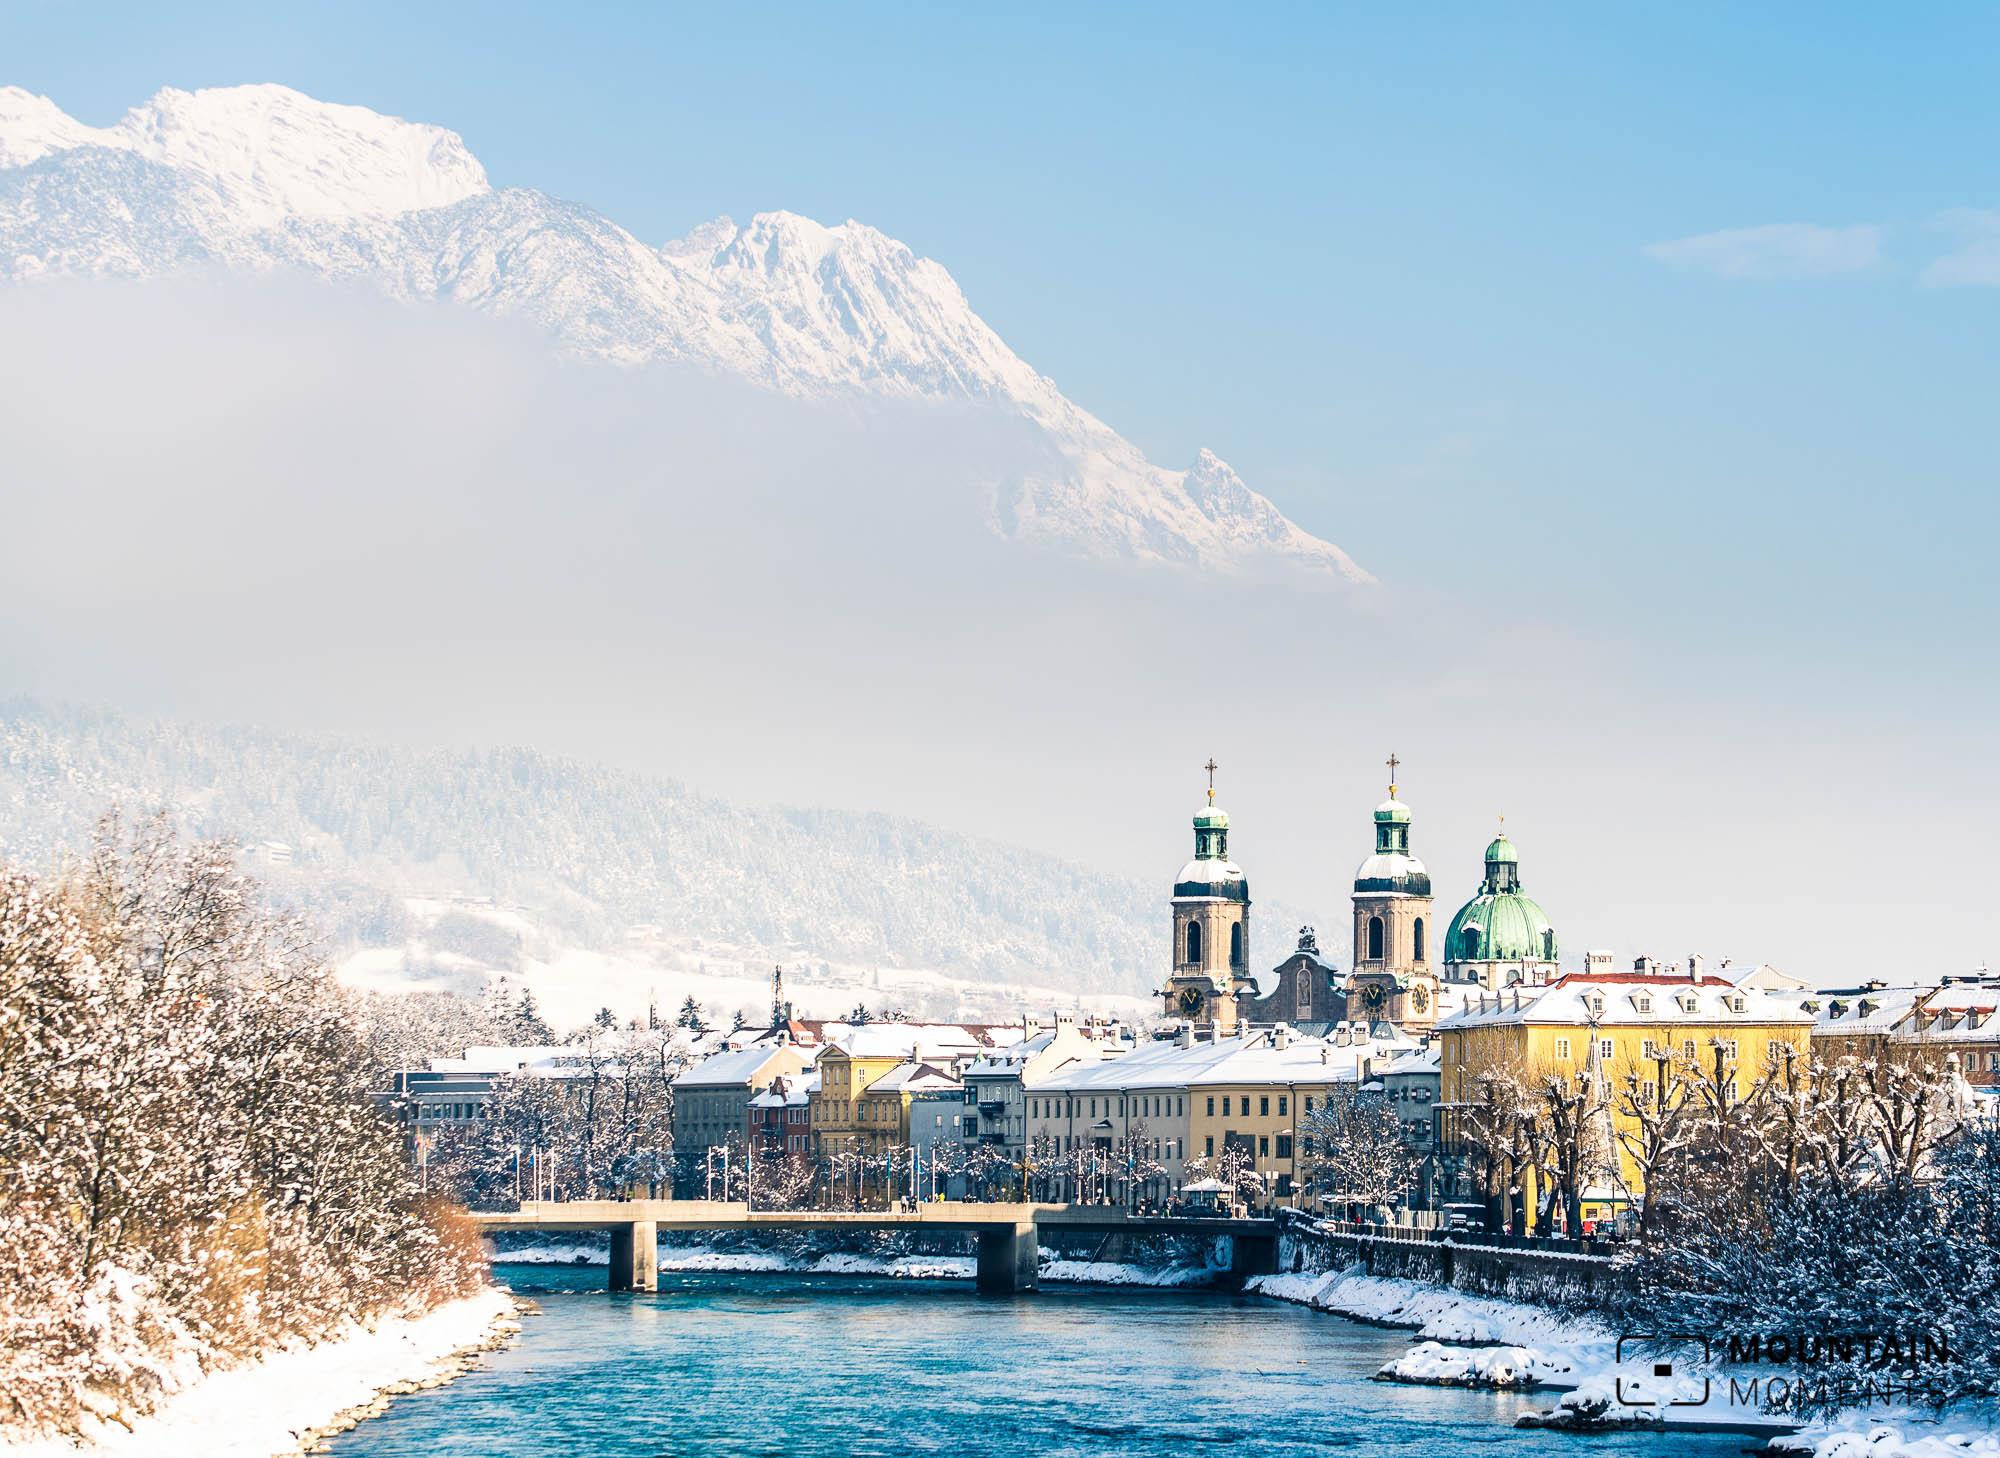 innsbruck, fotospot innsbruck, fotospots tirol, fotospots innsbruck, alpine city, mountain city